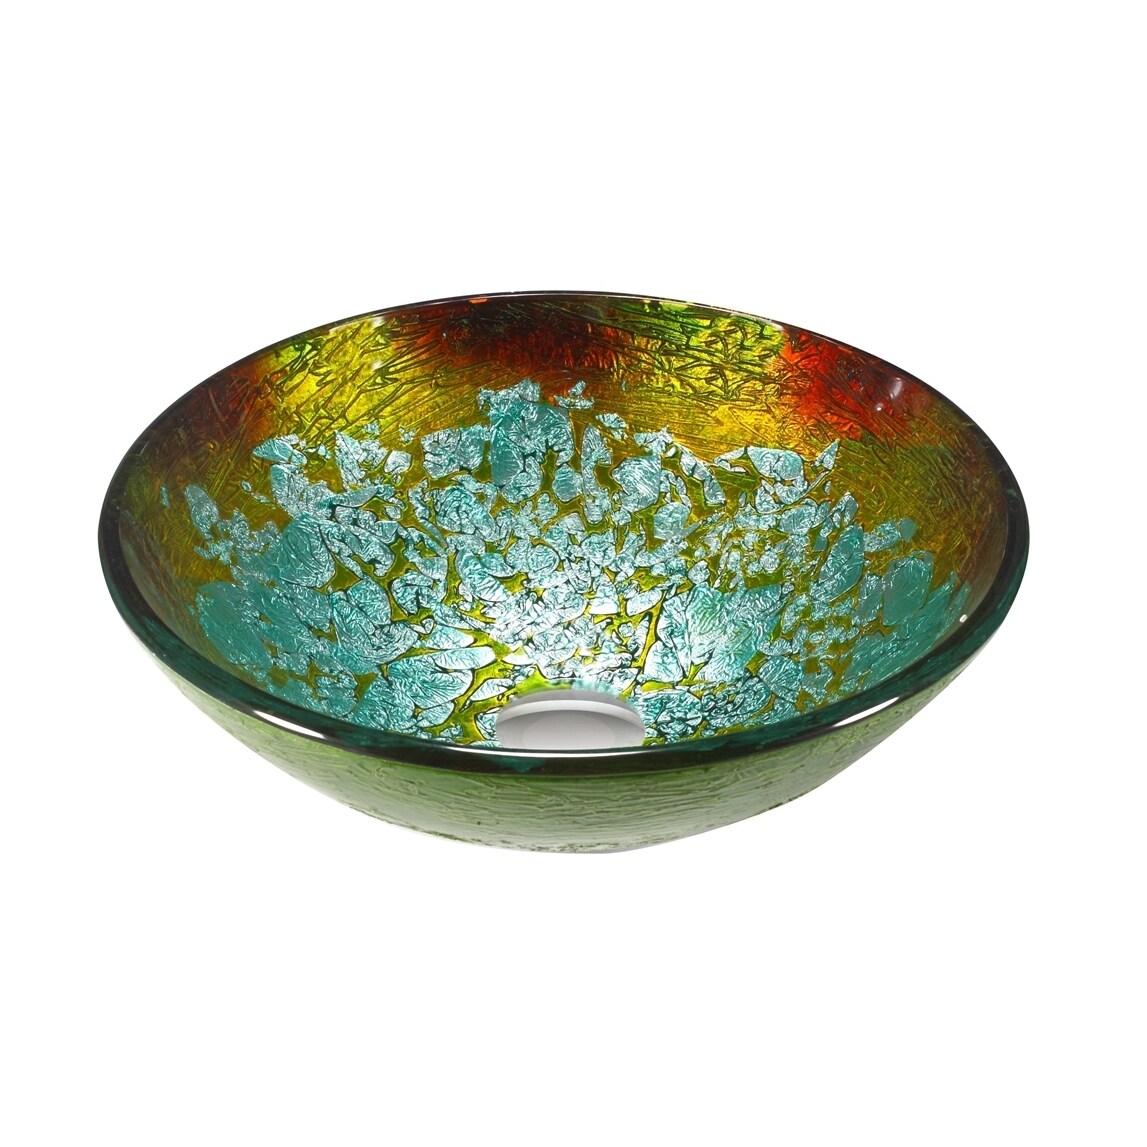 Legion Furniture Multicolored Glass Sink Bowl Vessel (ZA-...